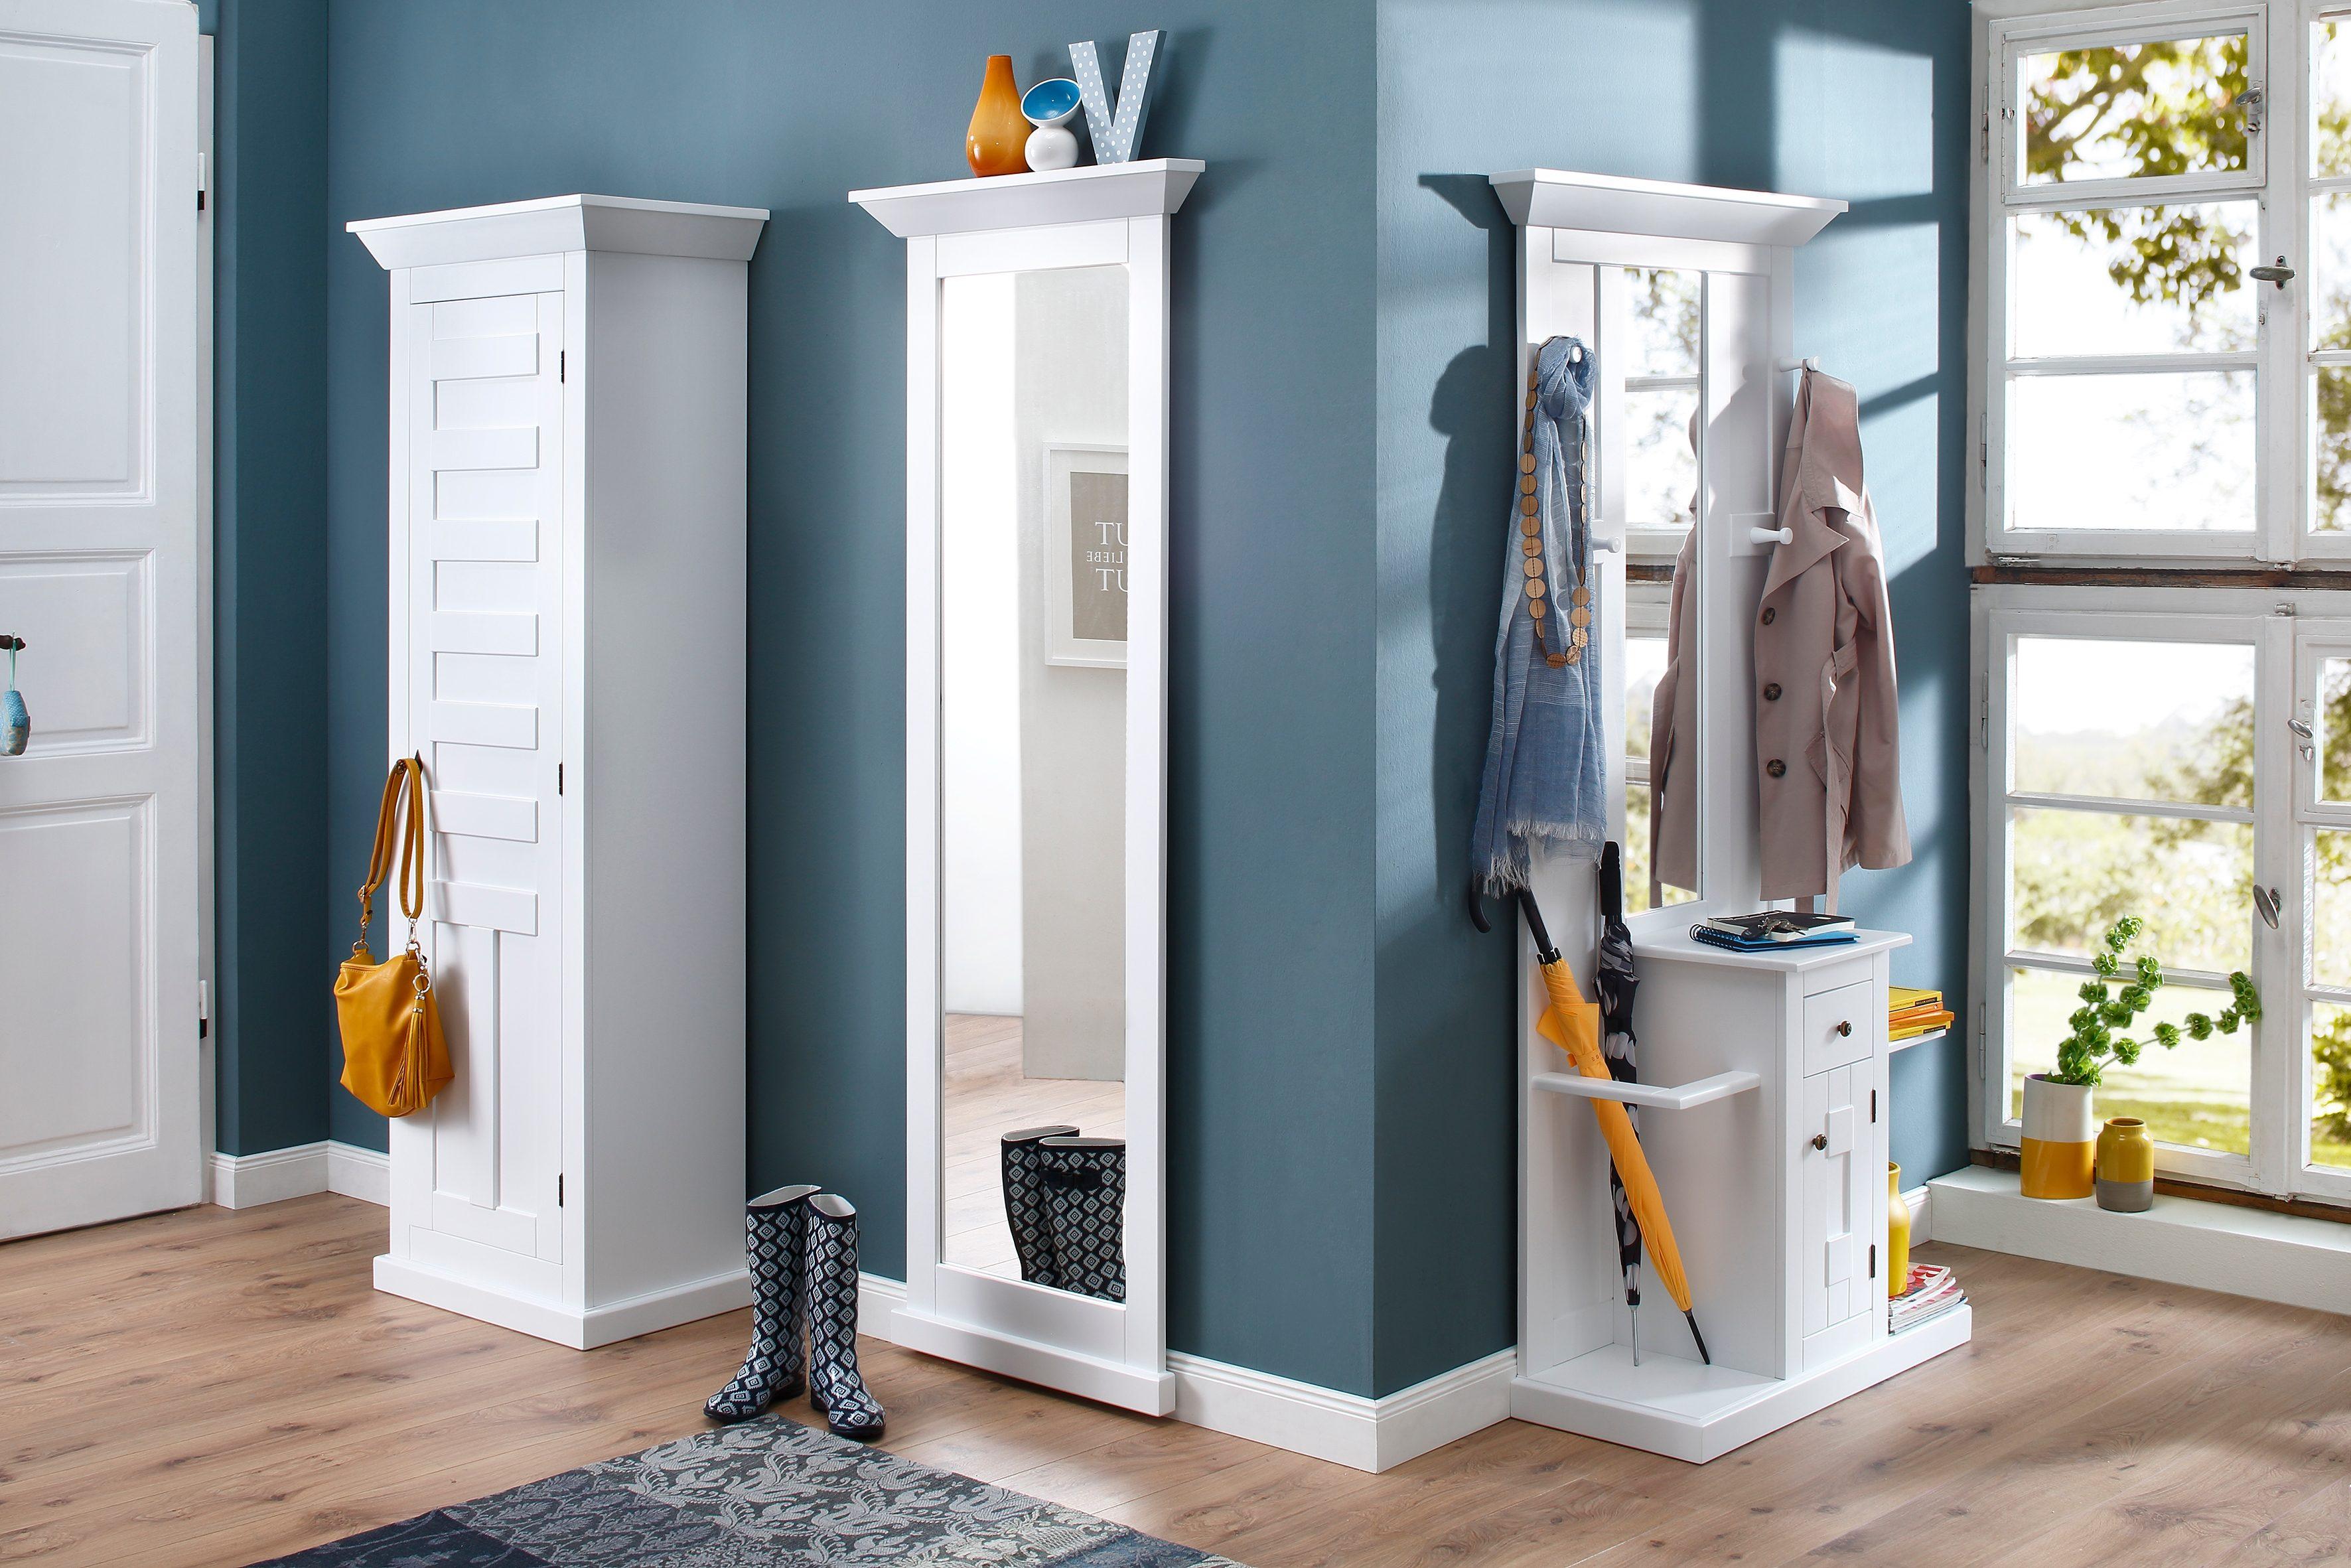 Premium collection by Home affaire Garderobenschrank »Nadja« mit Holztür Breite 67 cm